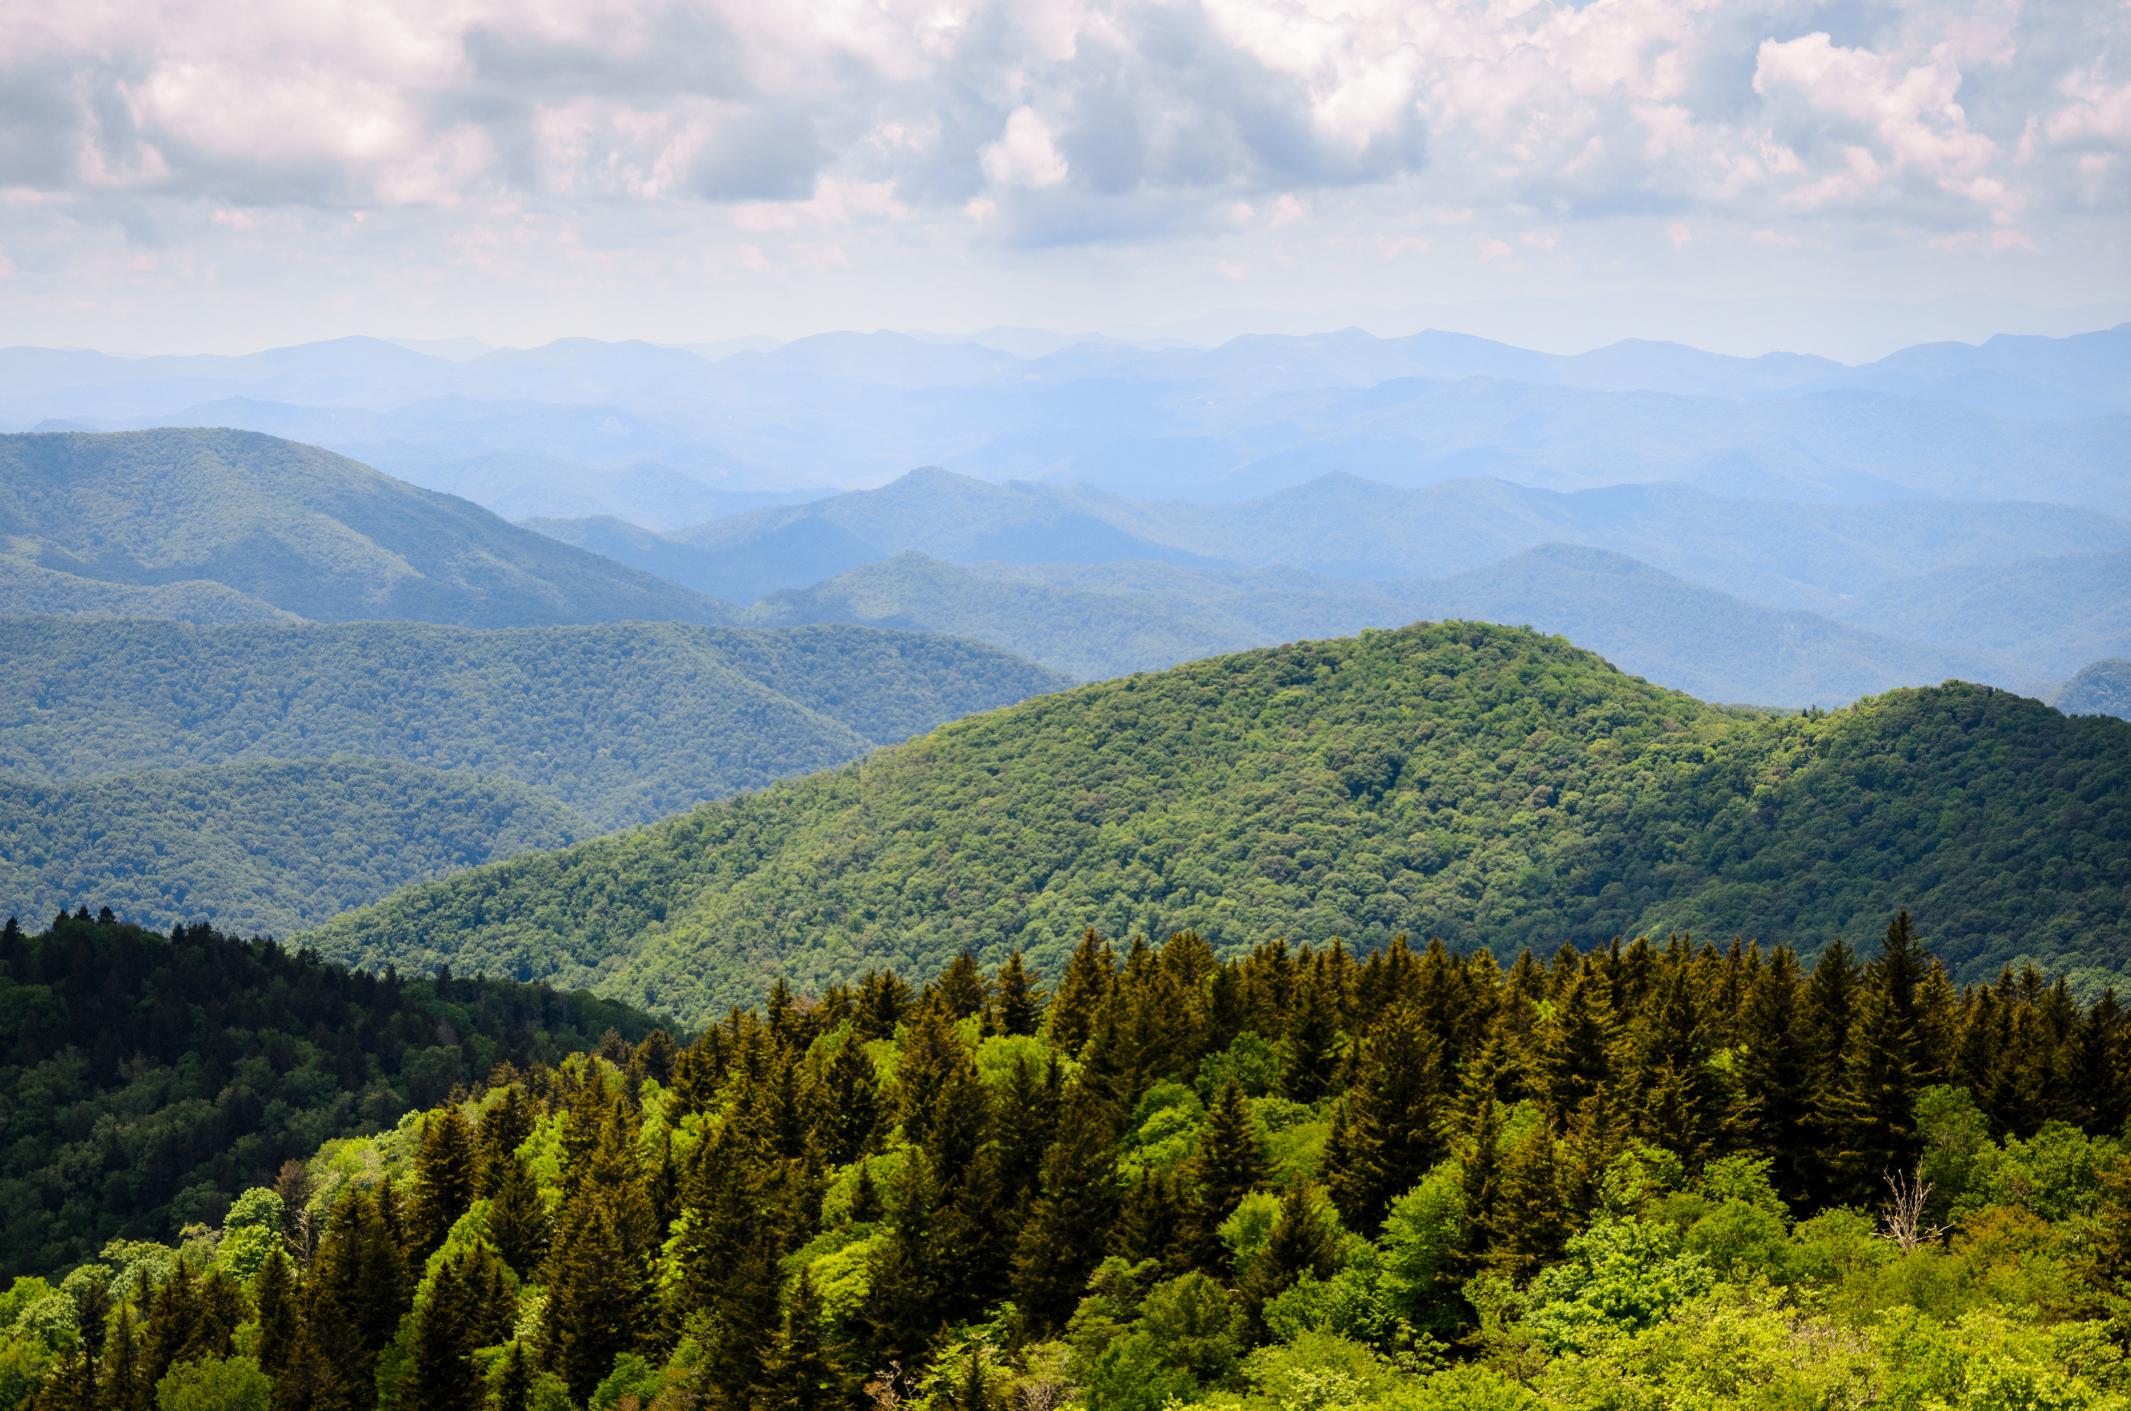 Vue panoramique de montagnes recouvertes de forêts (Thinkstock)